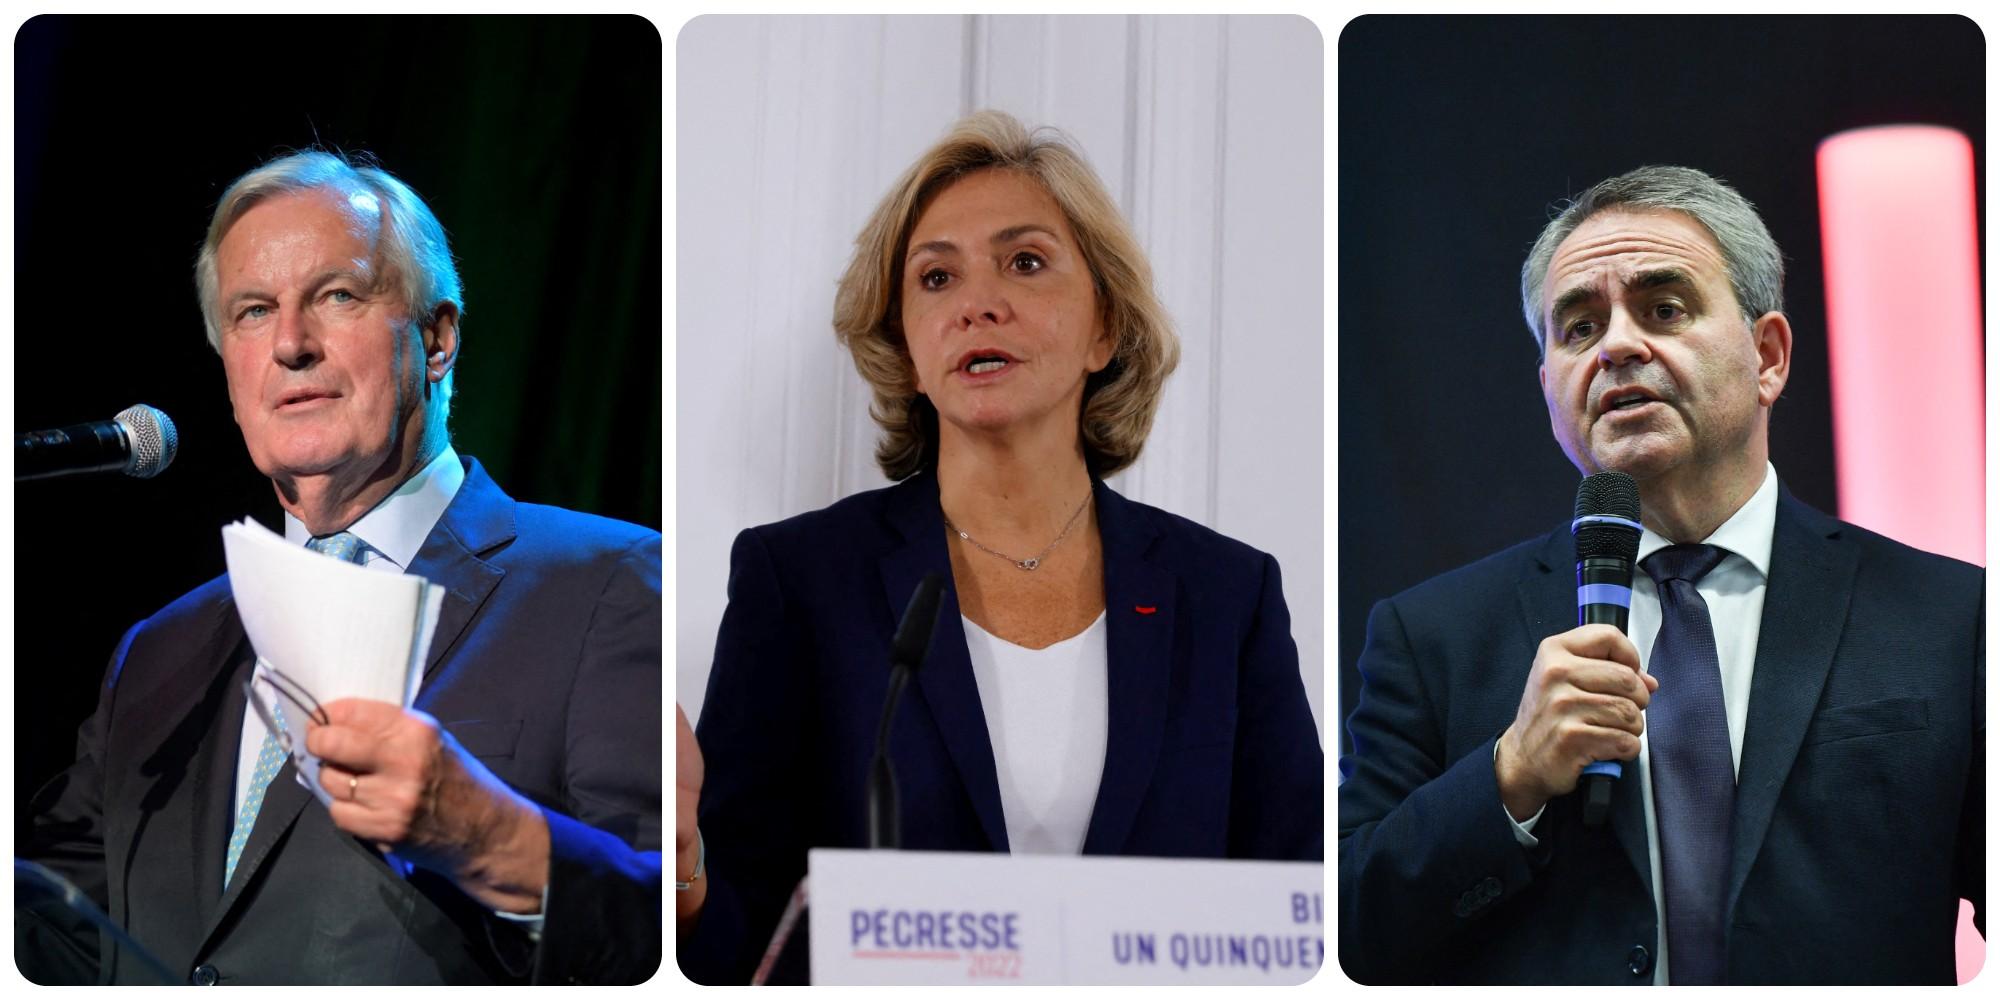 Présidentielle 2022 : les centristes veulent peser sur le choix du candidat Les Républicains